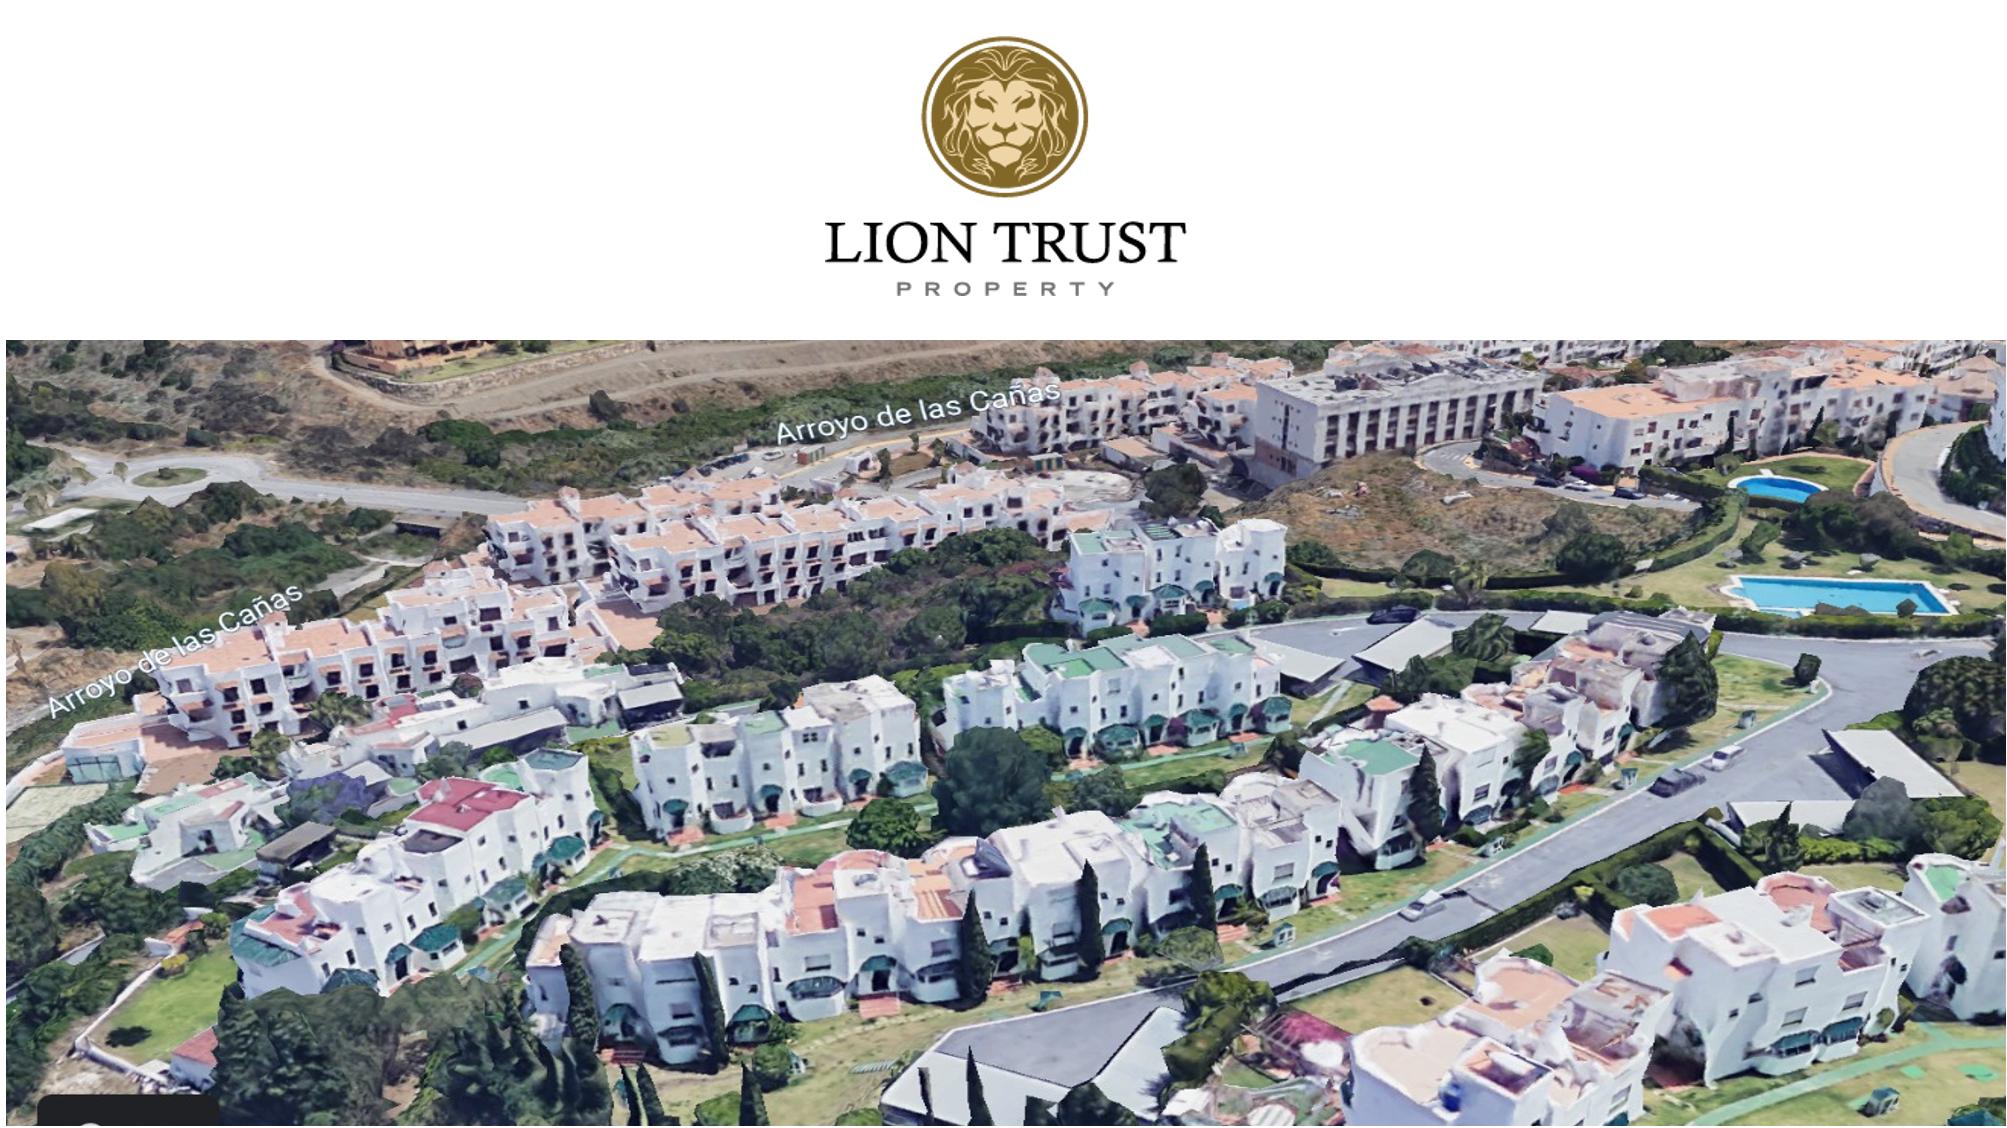 4a - Lion Trust Spain